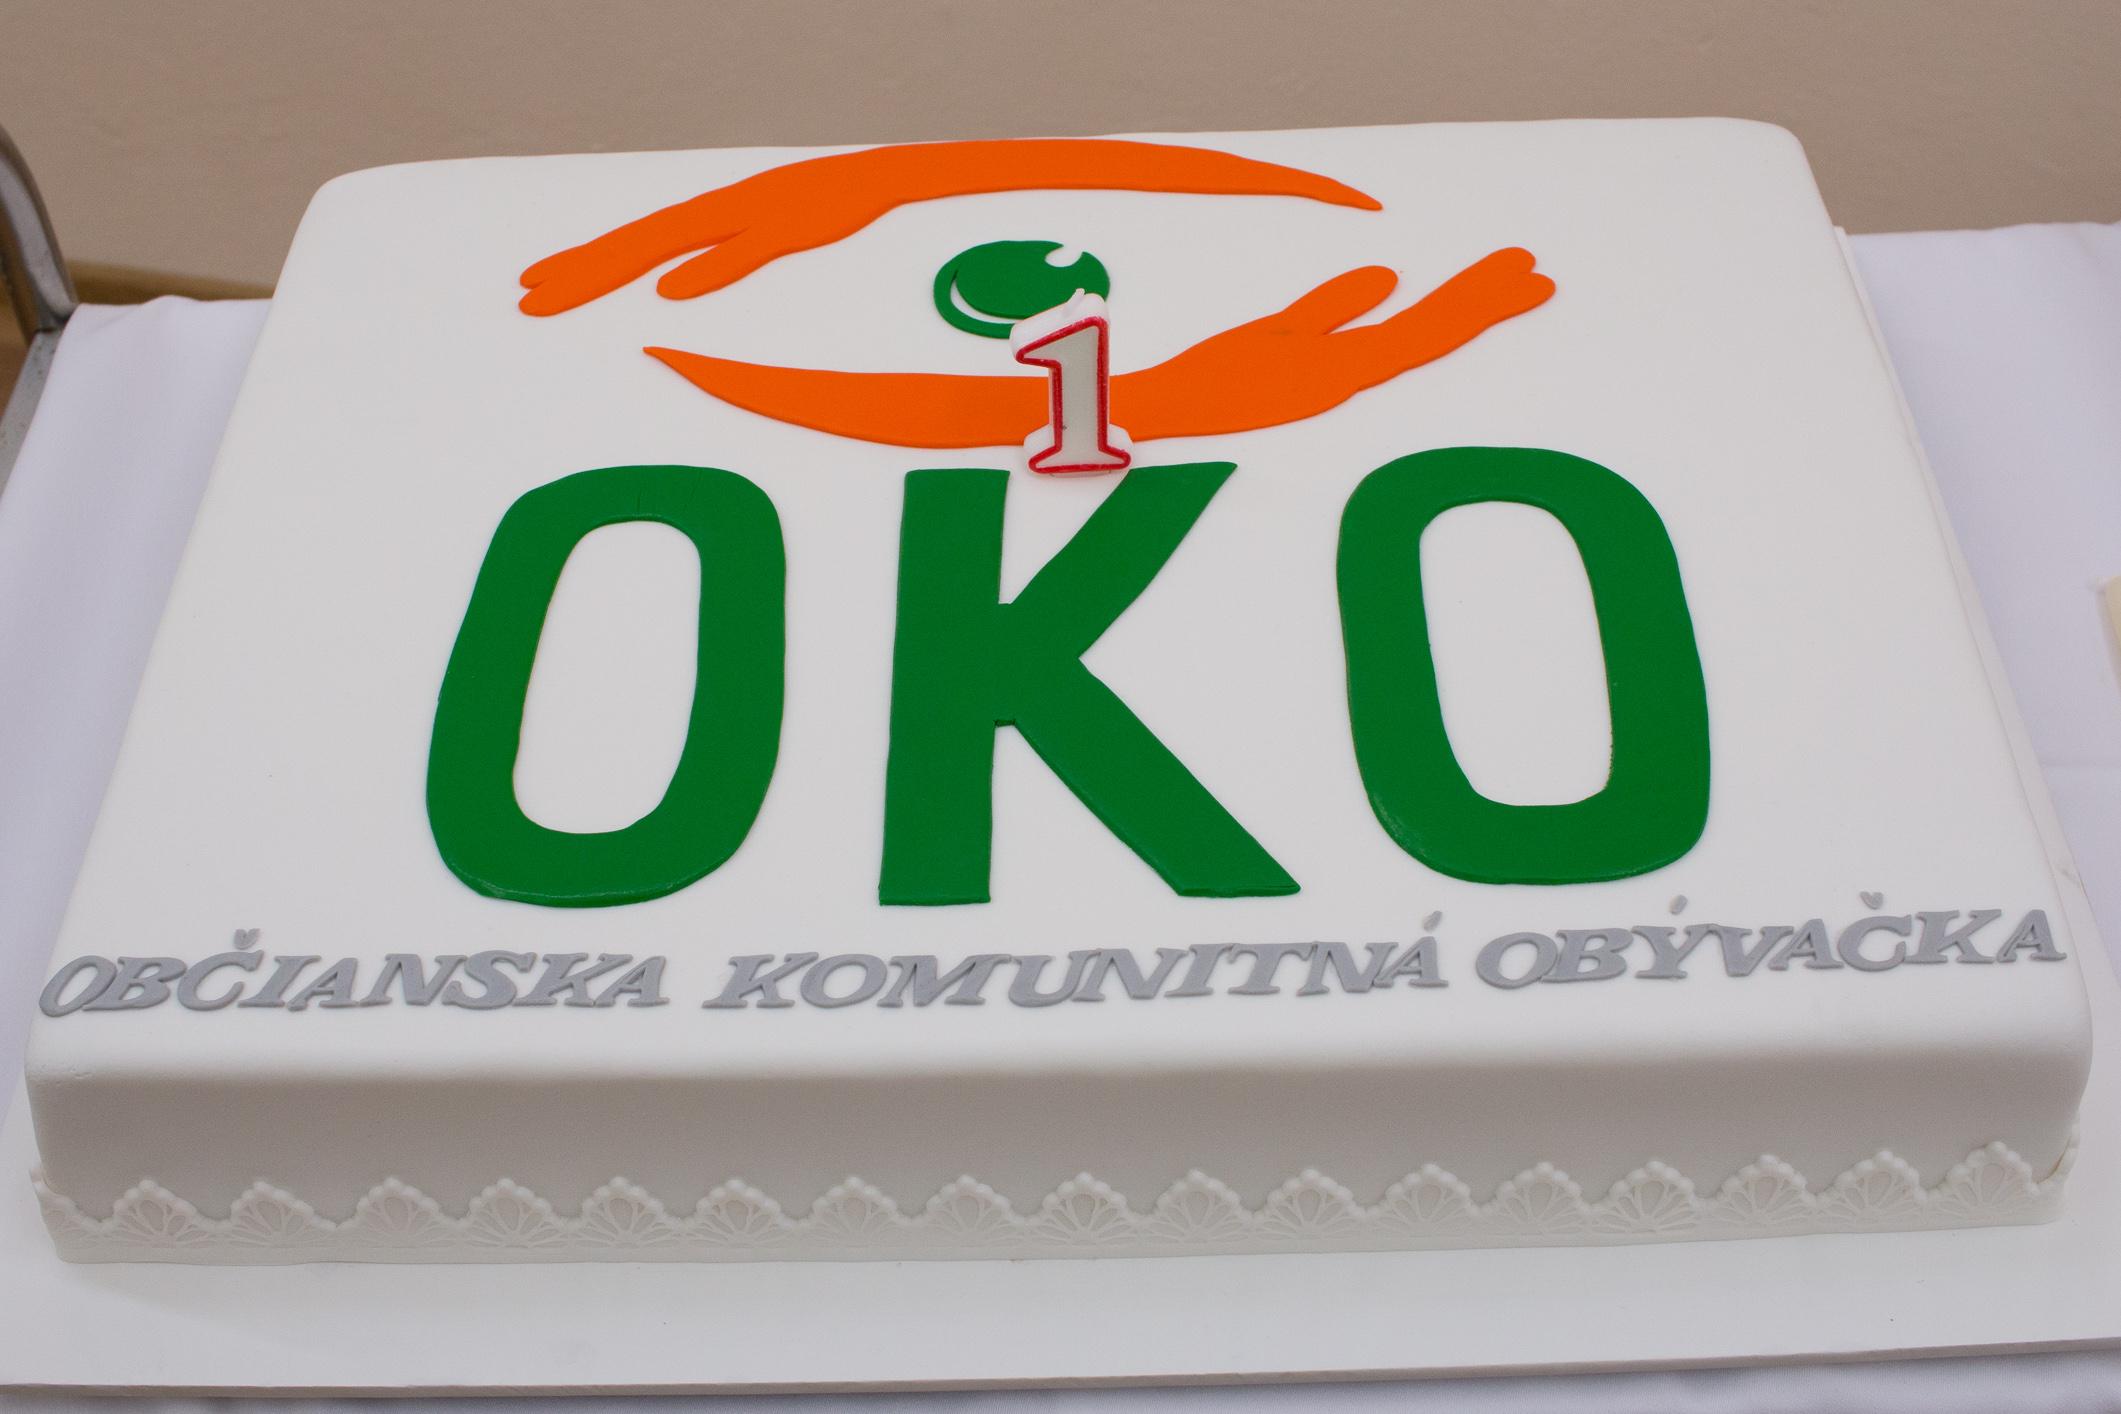 torta-oc-oko-2015